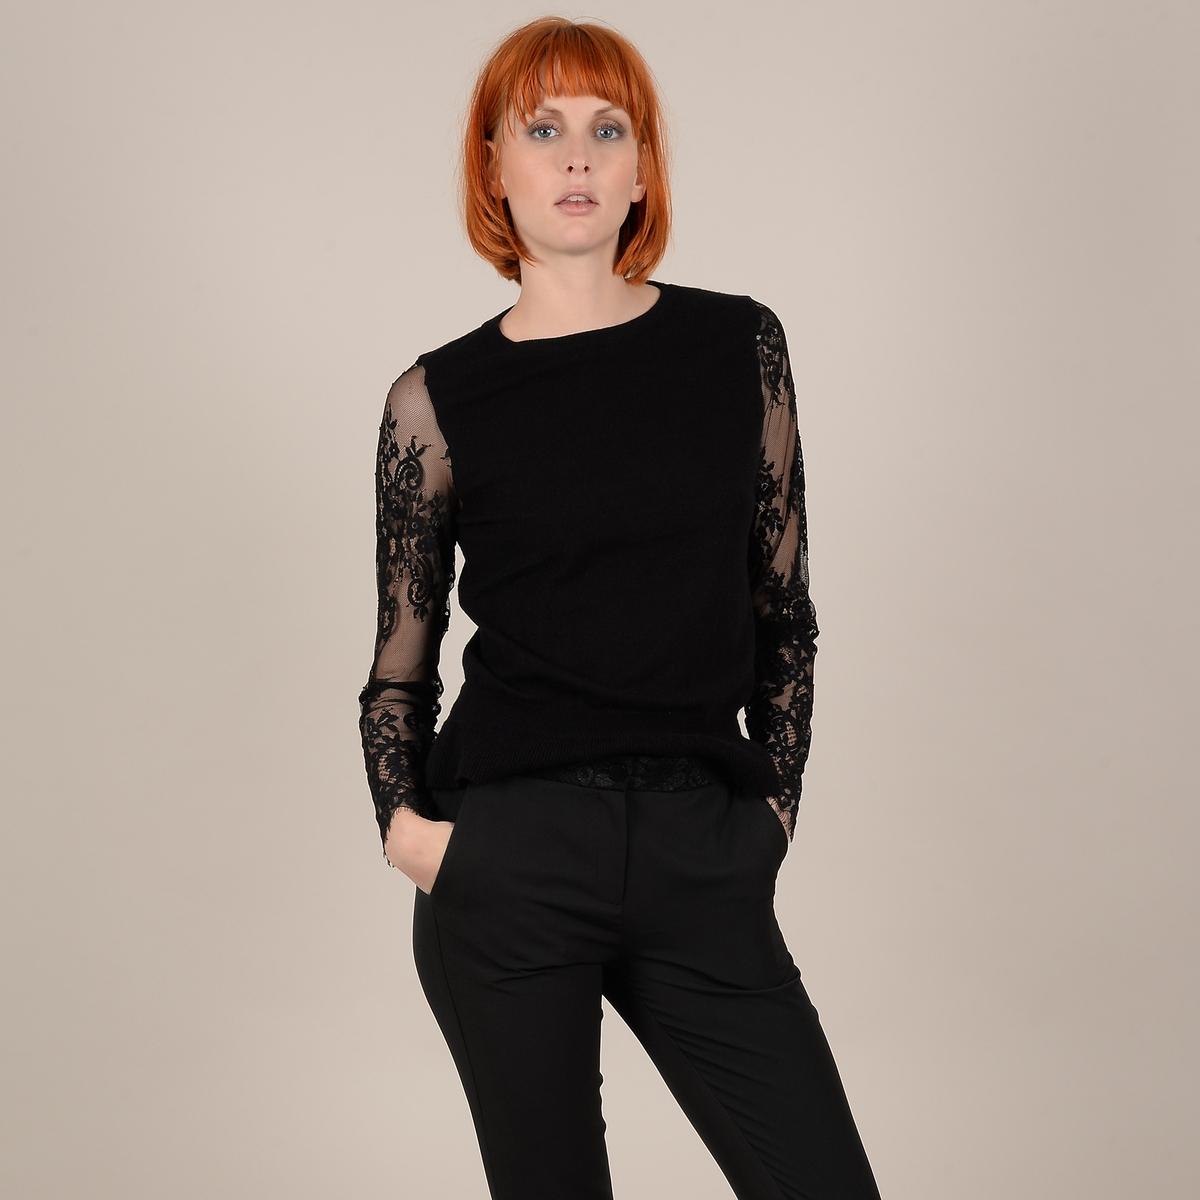 Пуловер La Redoute Из тонкого трикотажа с длинными рукавами из вуали с вышивкой M черный цена